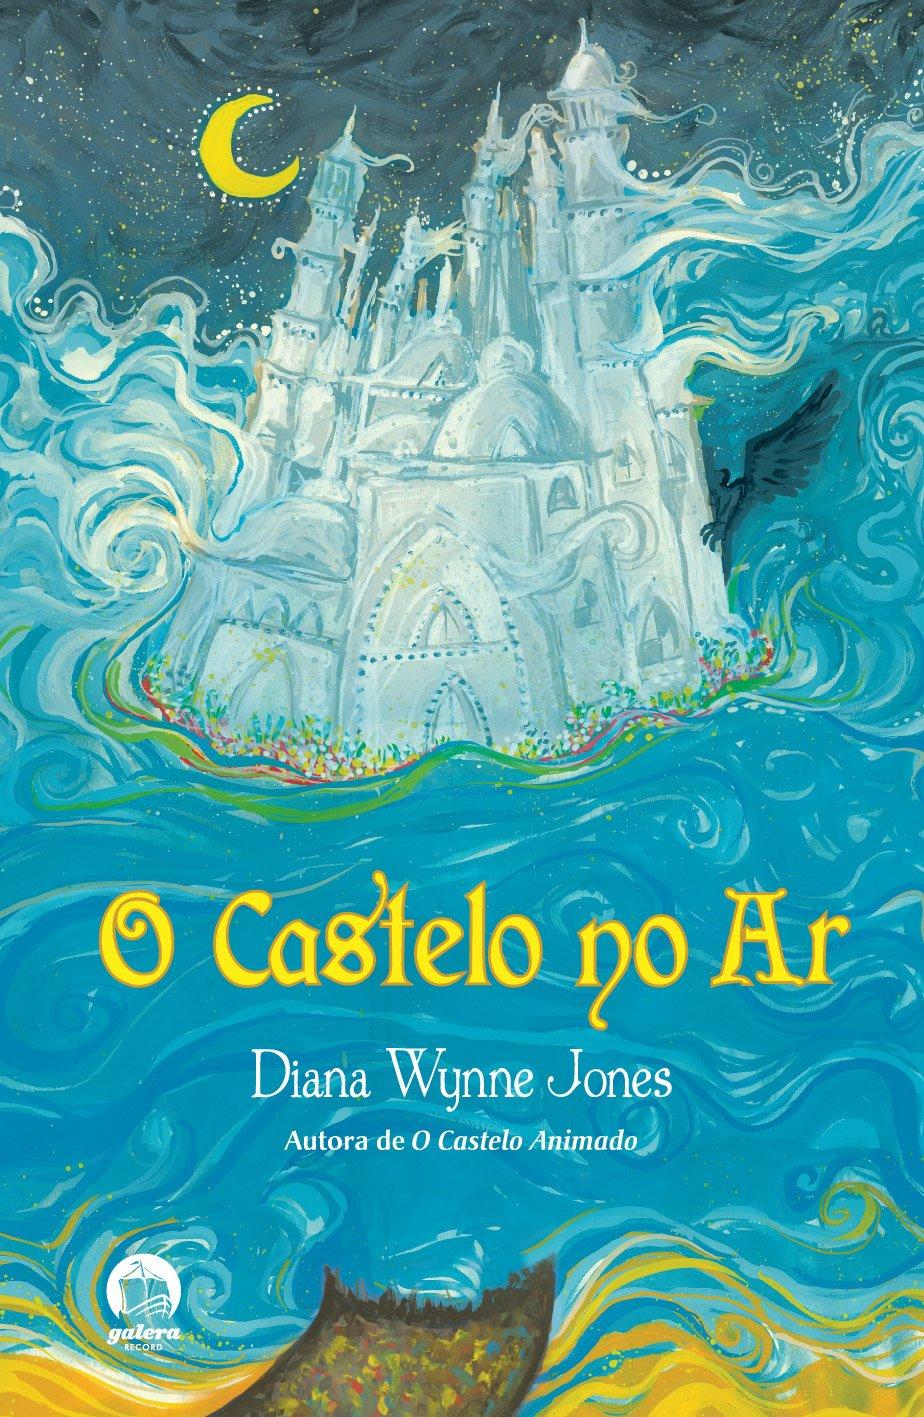 Resultado de imagem para o castelo no ar diana wynne jones